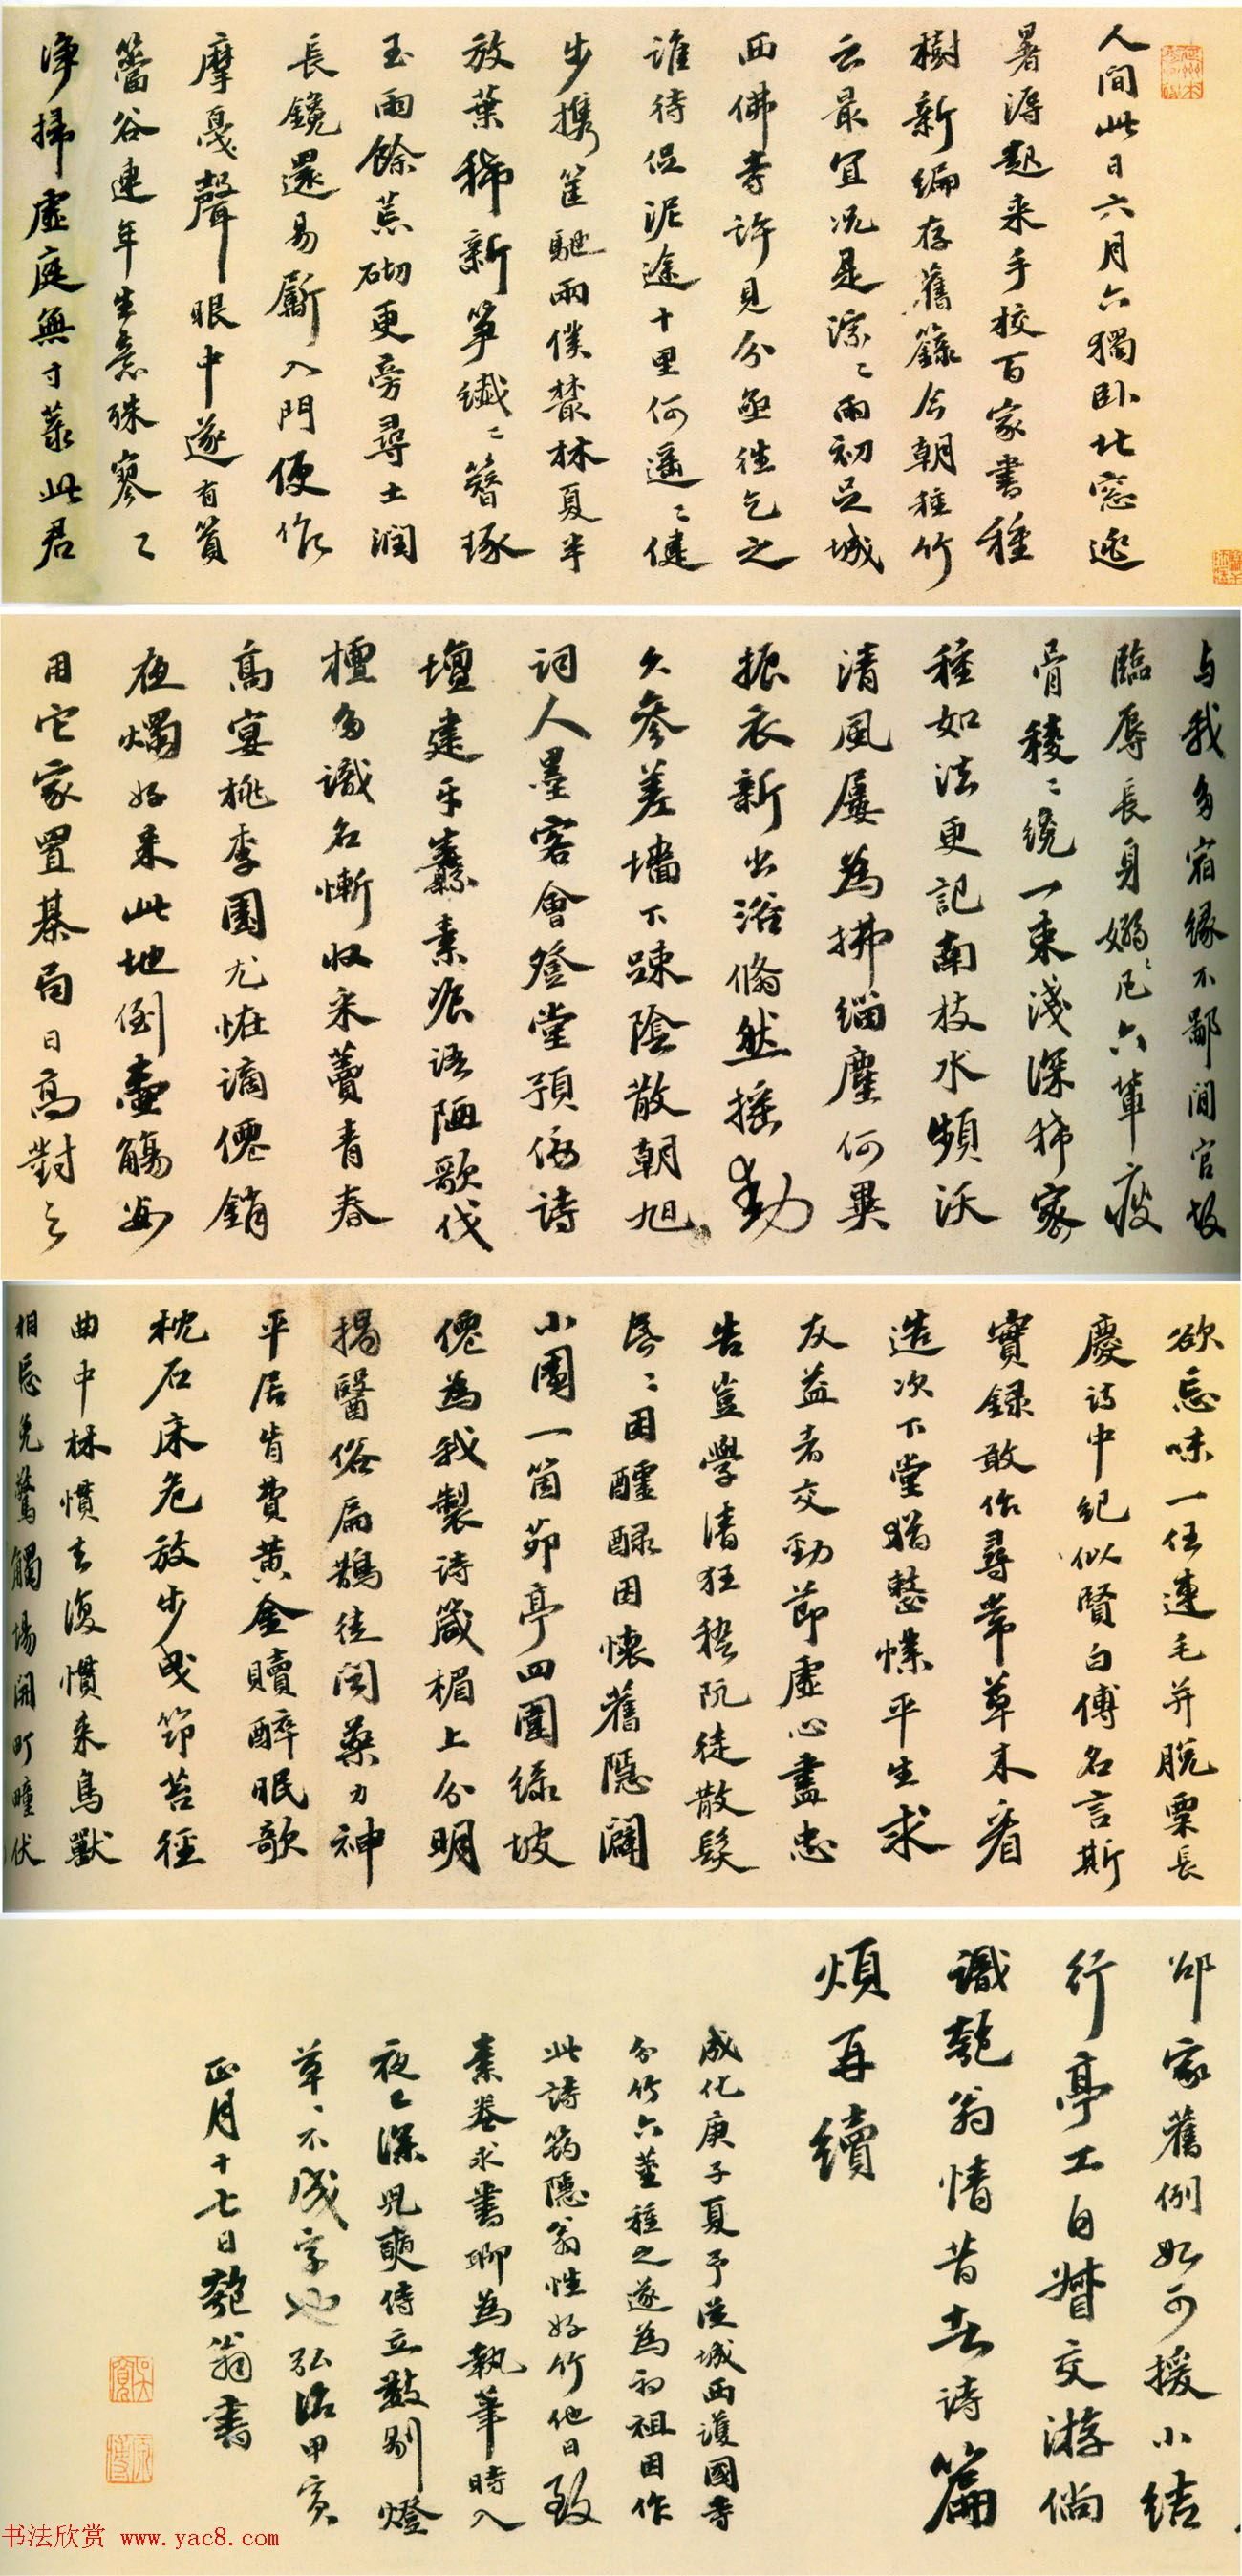 明代书法家吴宽行书《种竹诗卷》图片